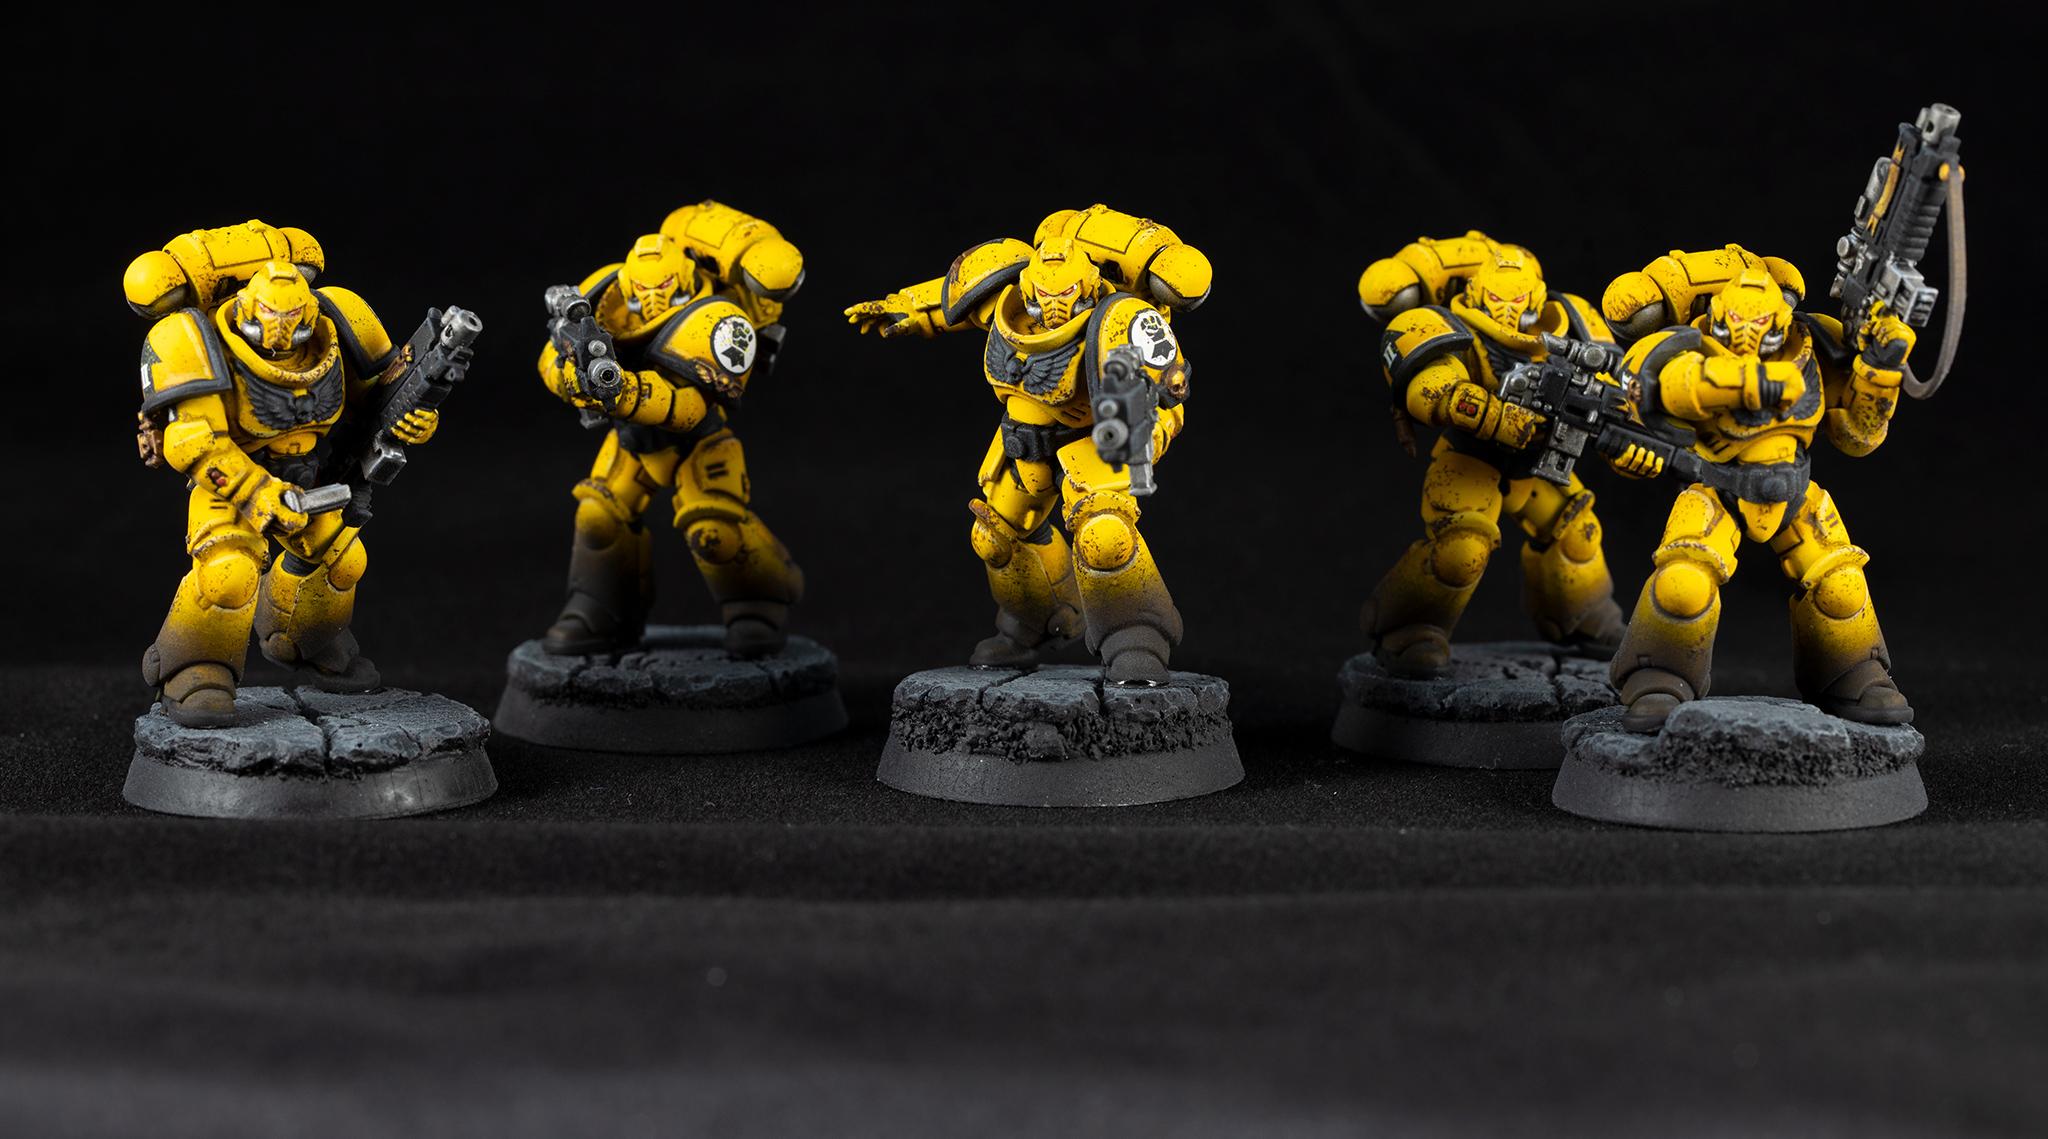 Imperial Fist Intercessors